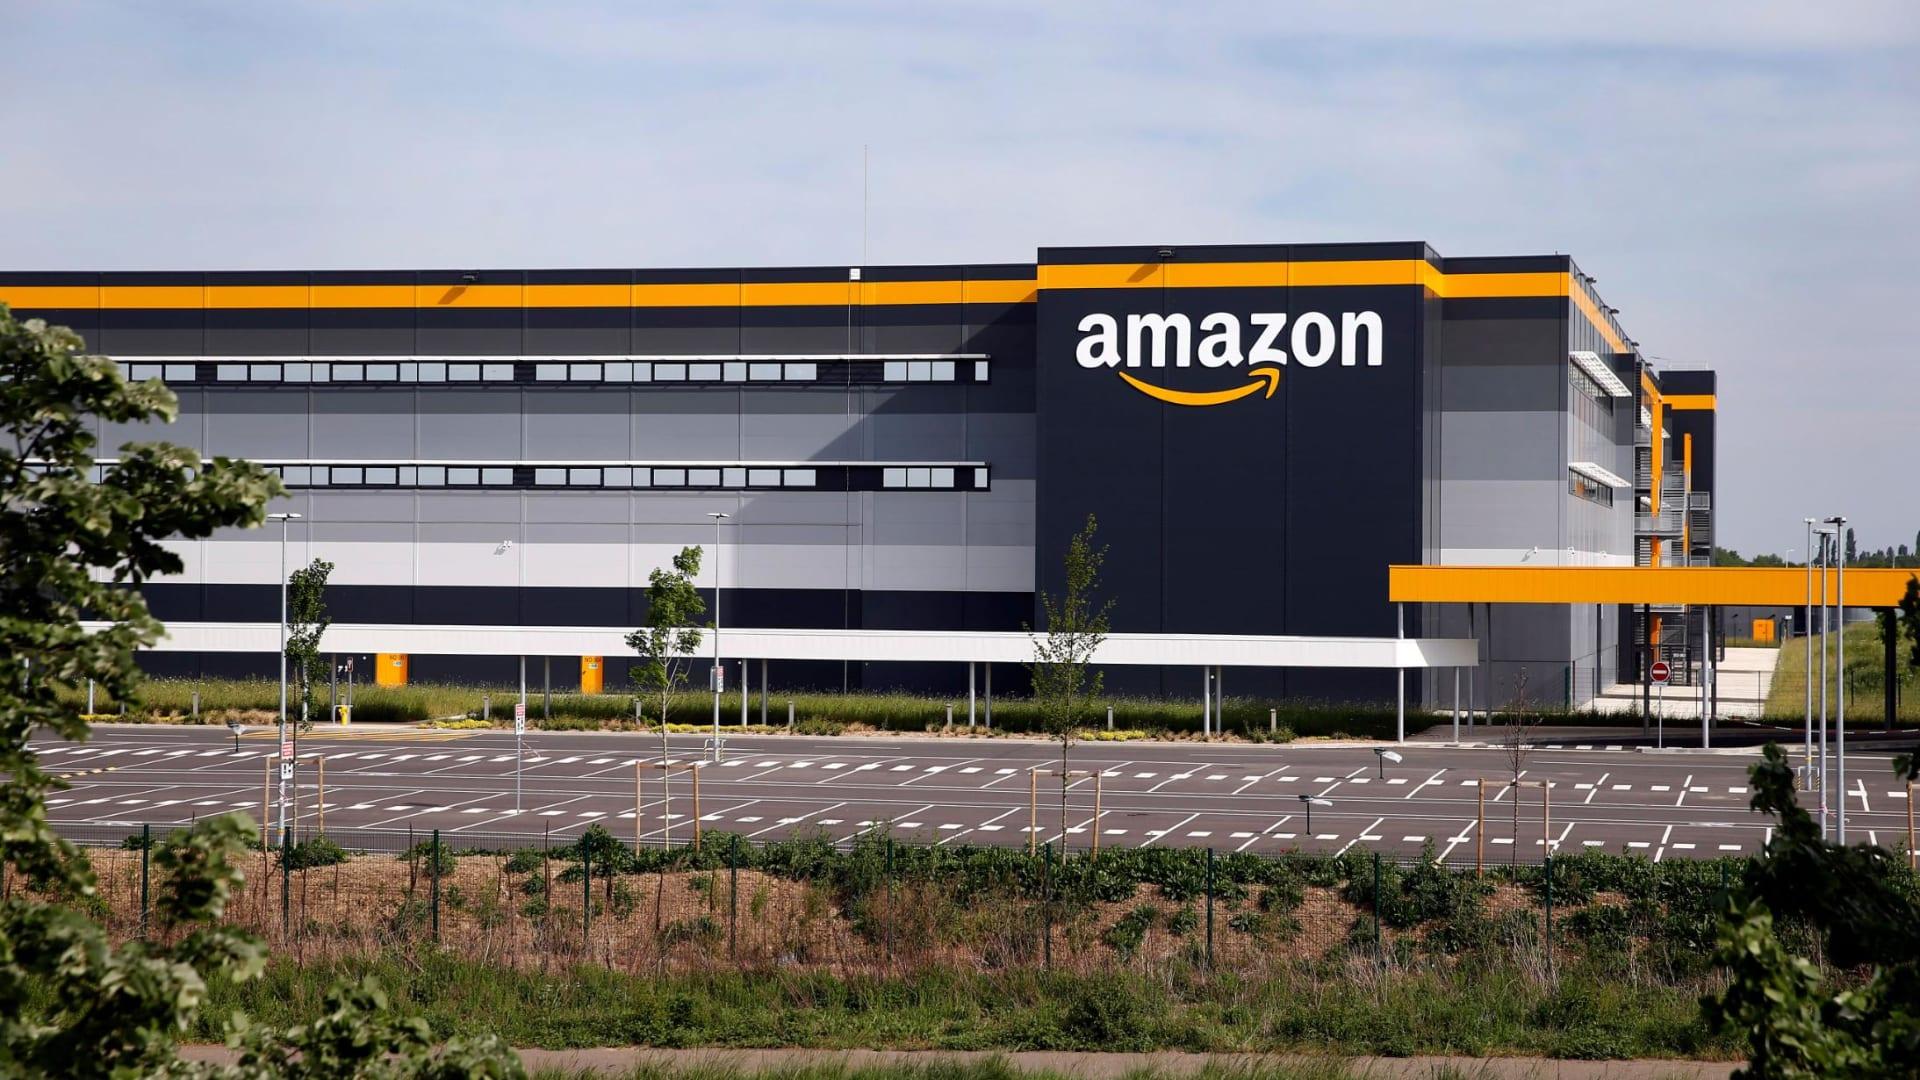 الاتحاد الأوروبي يتهم أمازون بانتهاك قواعد مكافحة الاحتكار